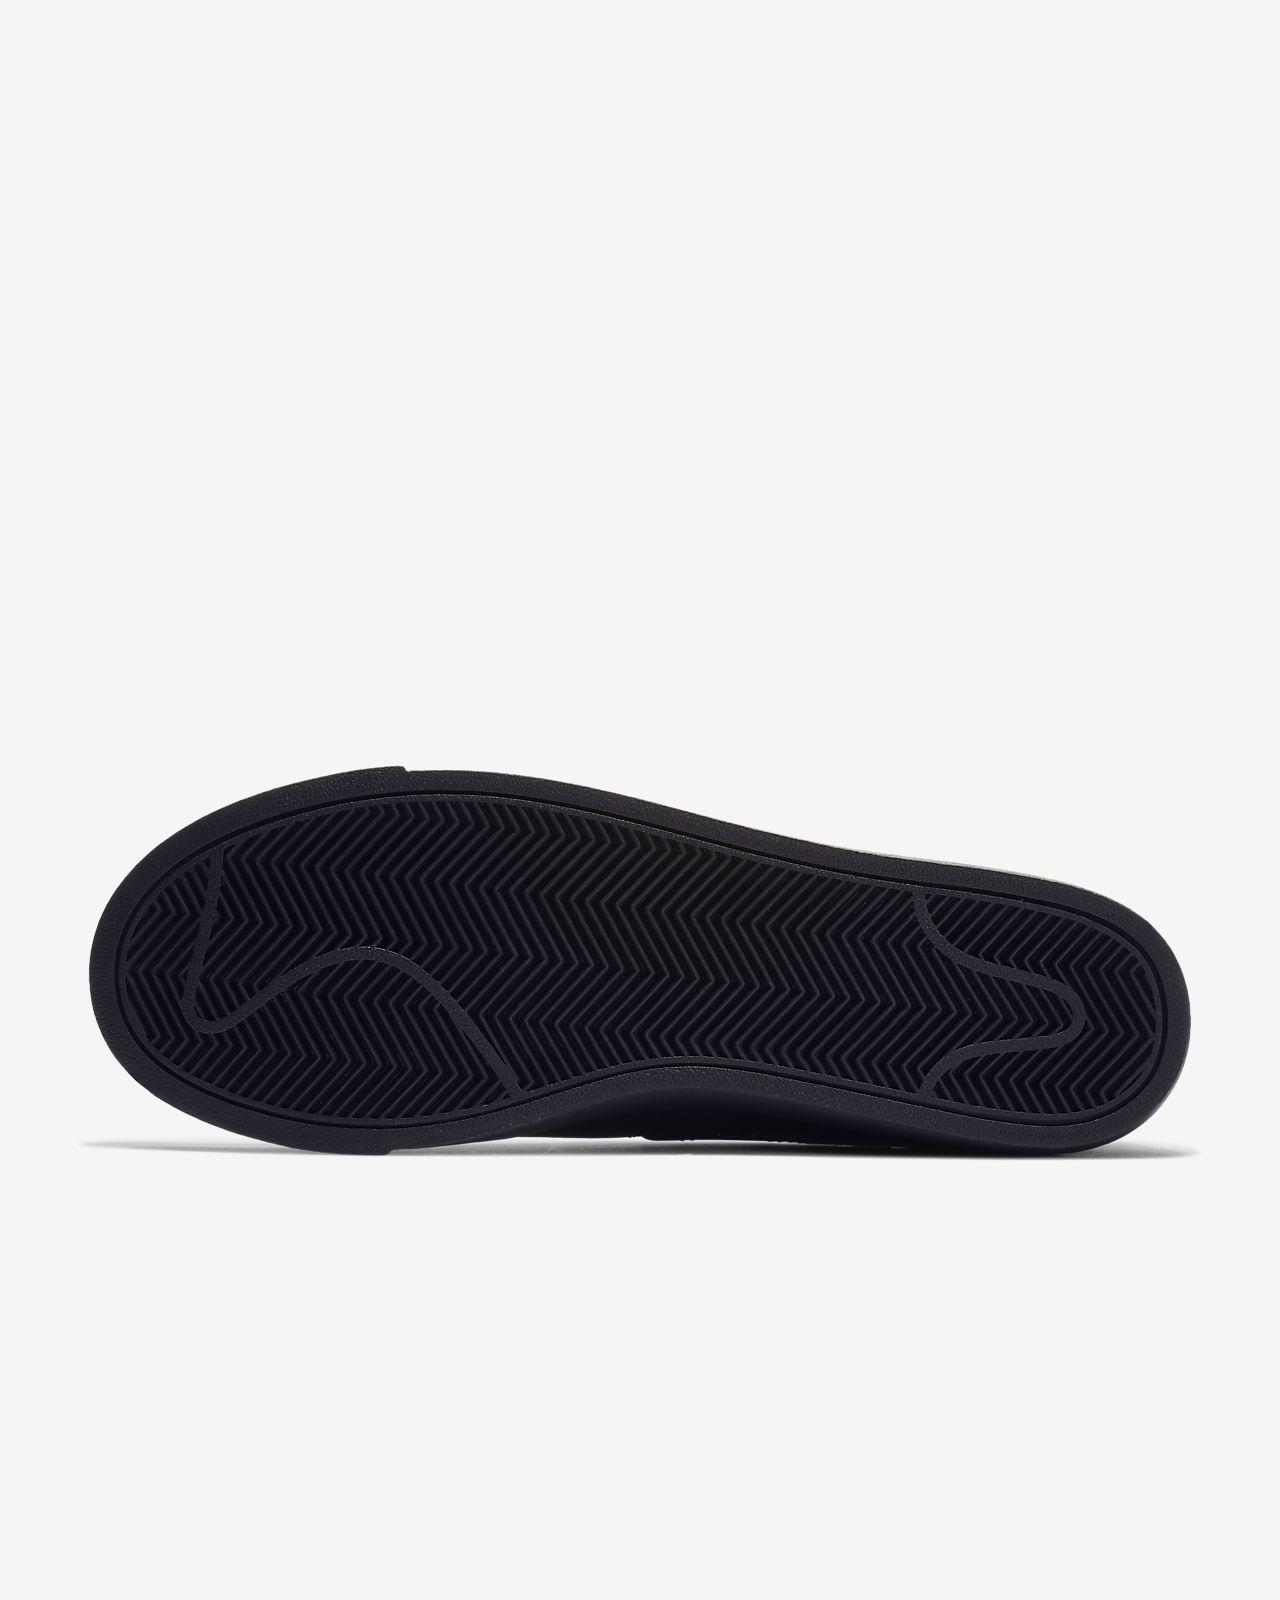 half off acef5 a66f7 ... Chaussure Nike Blazer Low LE pour Femme